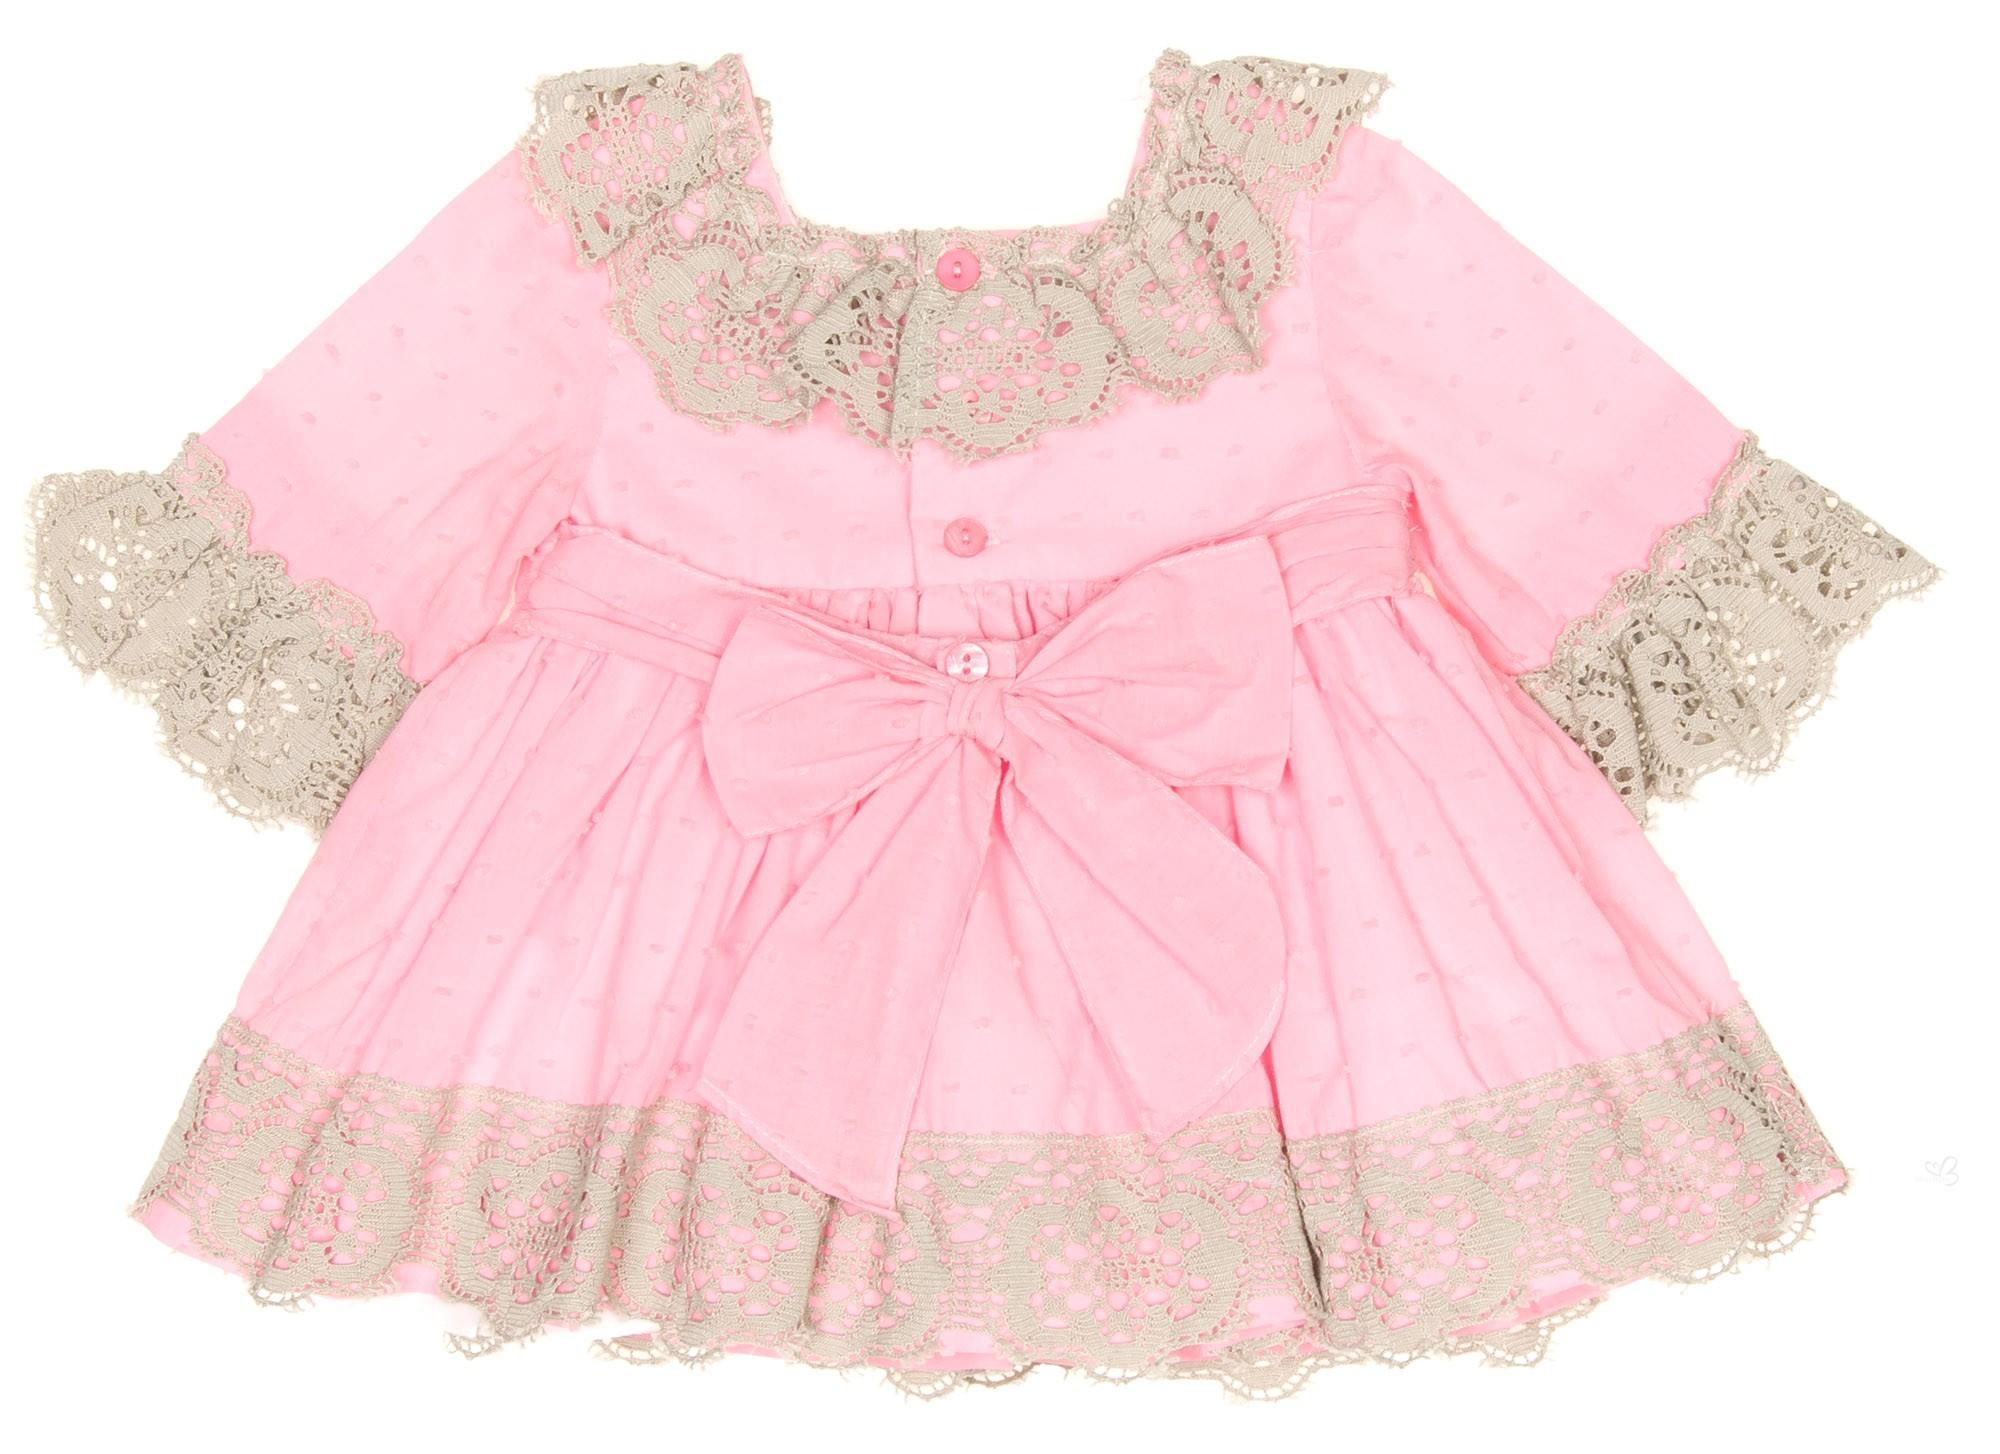 Dorable Bebé Traje De Boda Elaboración - Colección de Vestidos de ...